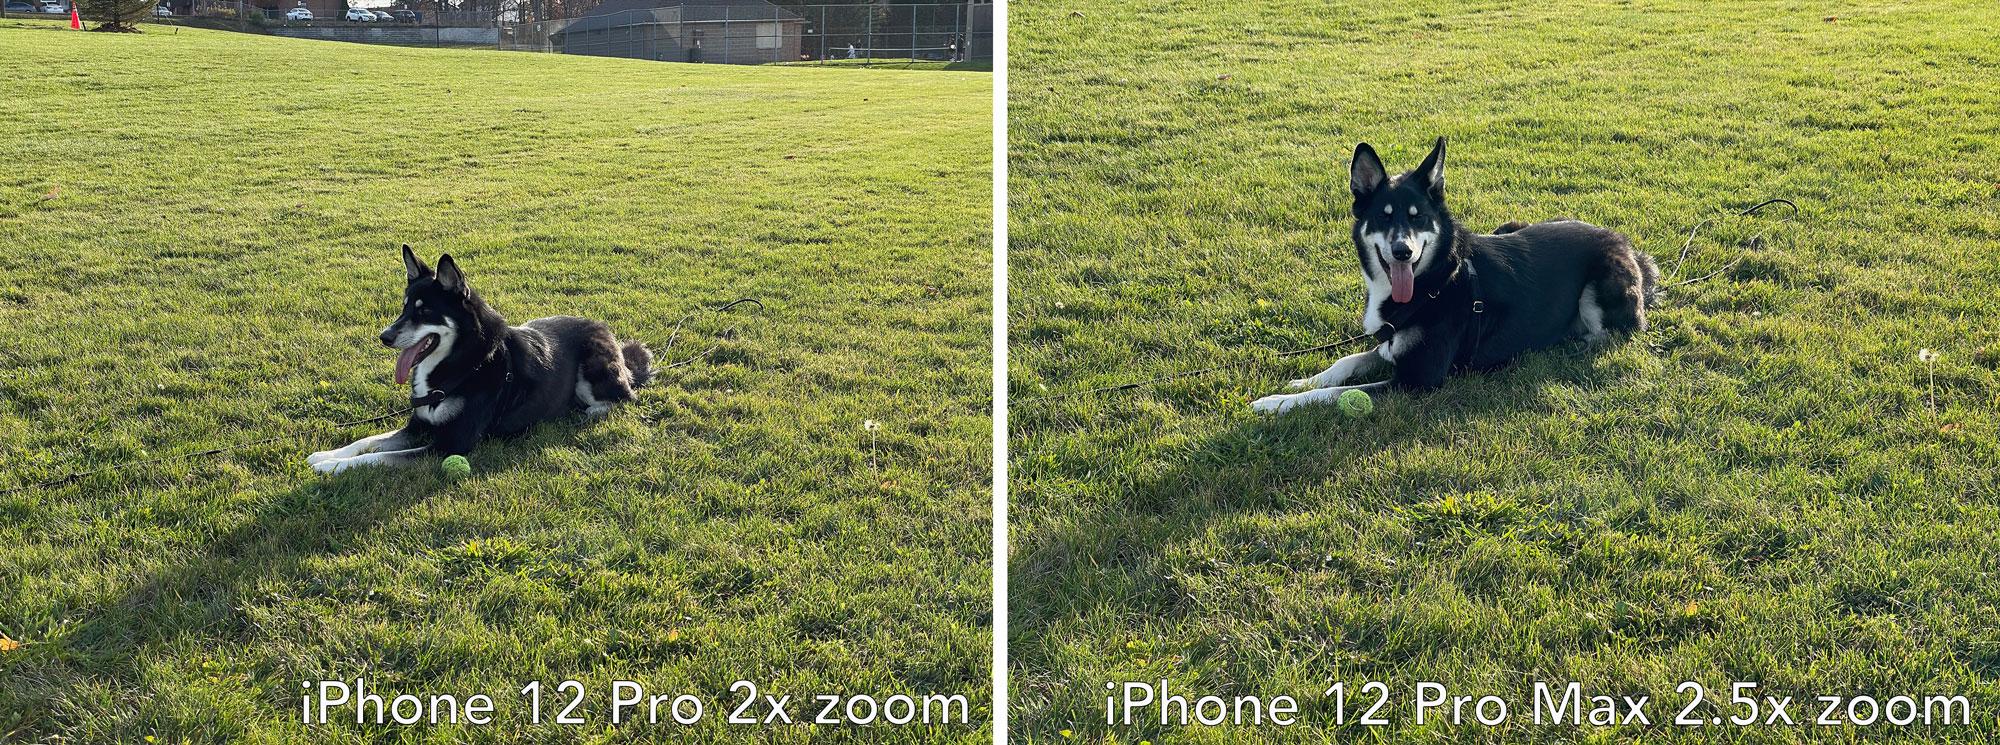 iPhone 12 Pro 2x zoom vs iPhone 12 Pro Max 2.5xzoom